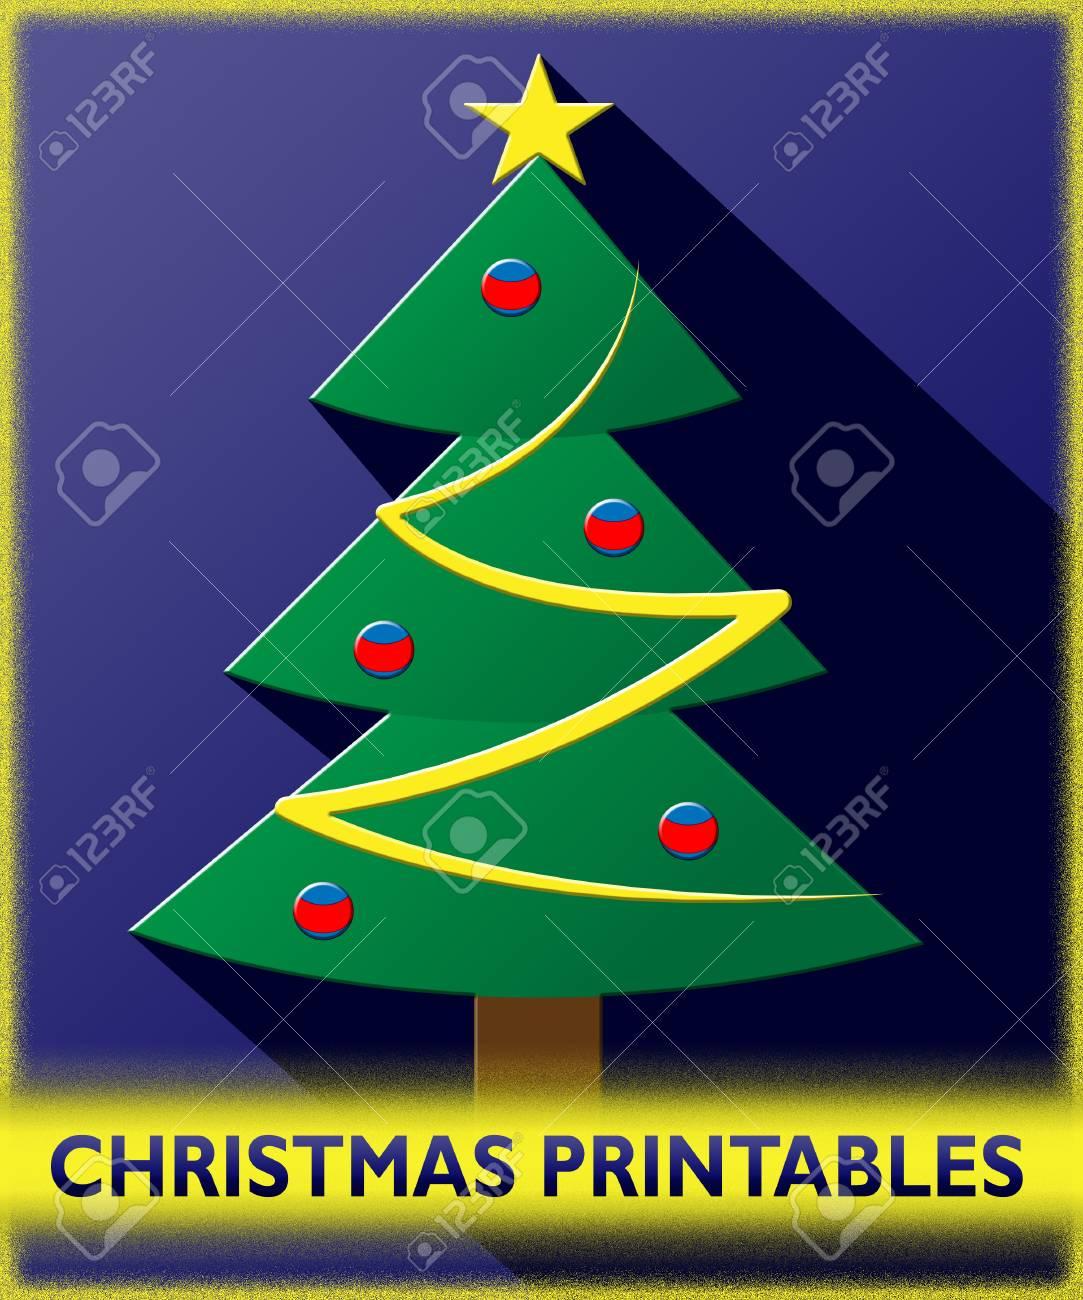 Rbol De Navidad Imprimibles Muestra Navidad Ilustración 3d Fotos ...